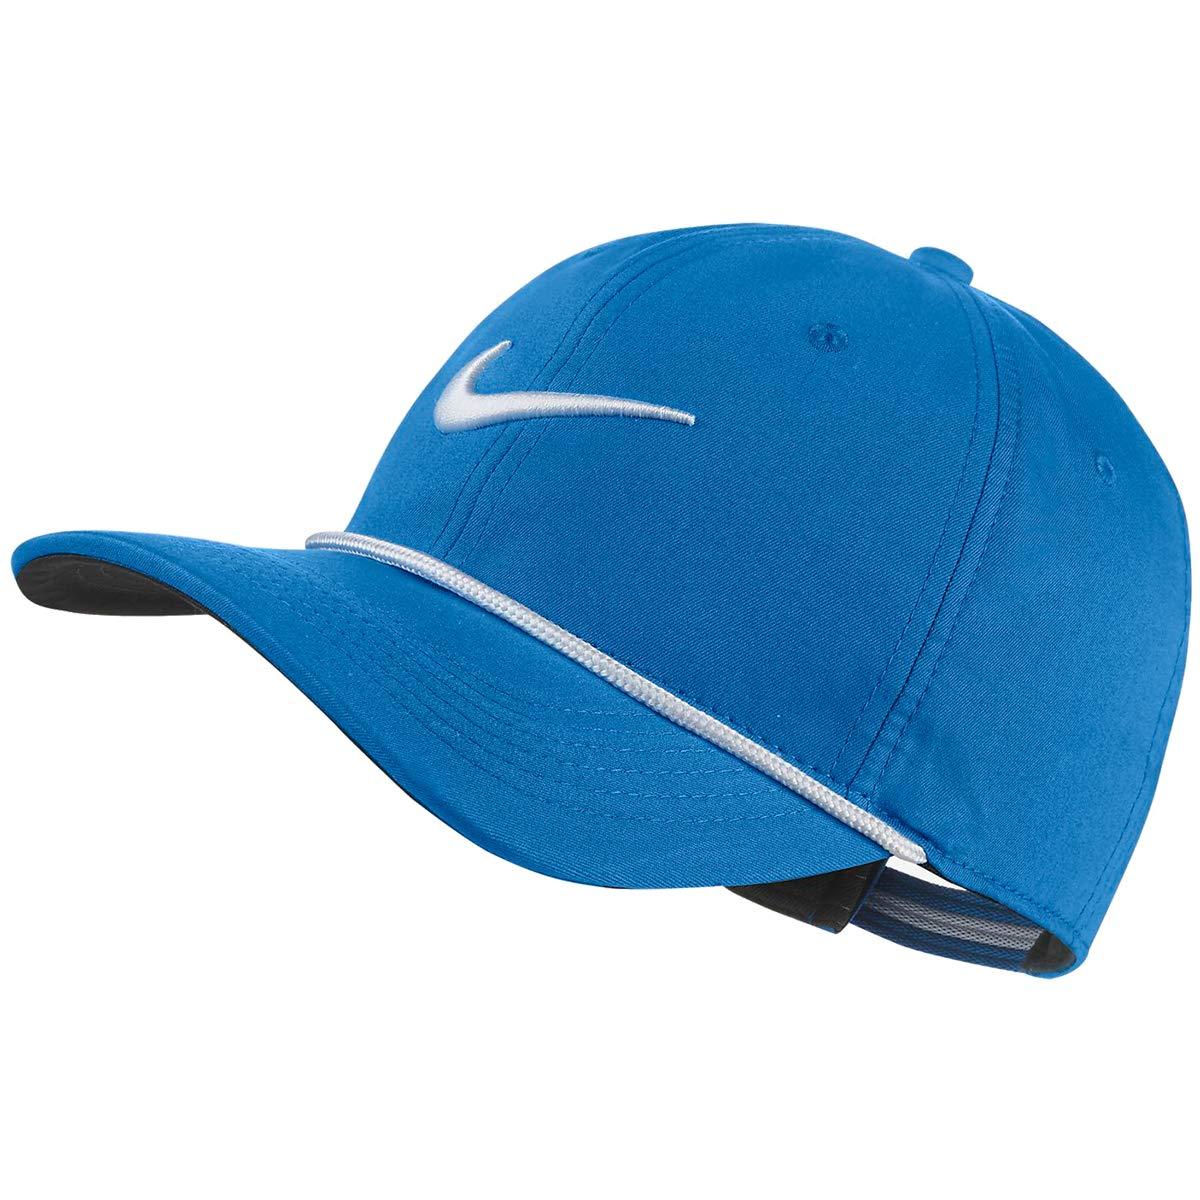 a4e3fa3f6 NIKE AeroBill Classic99 Golf Rope Hat AR6320